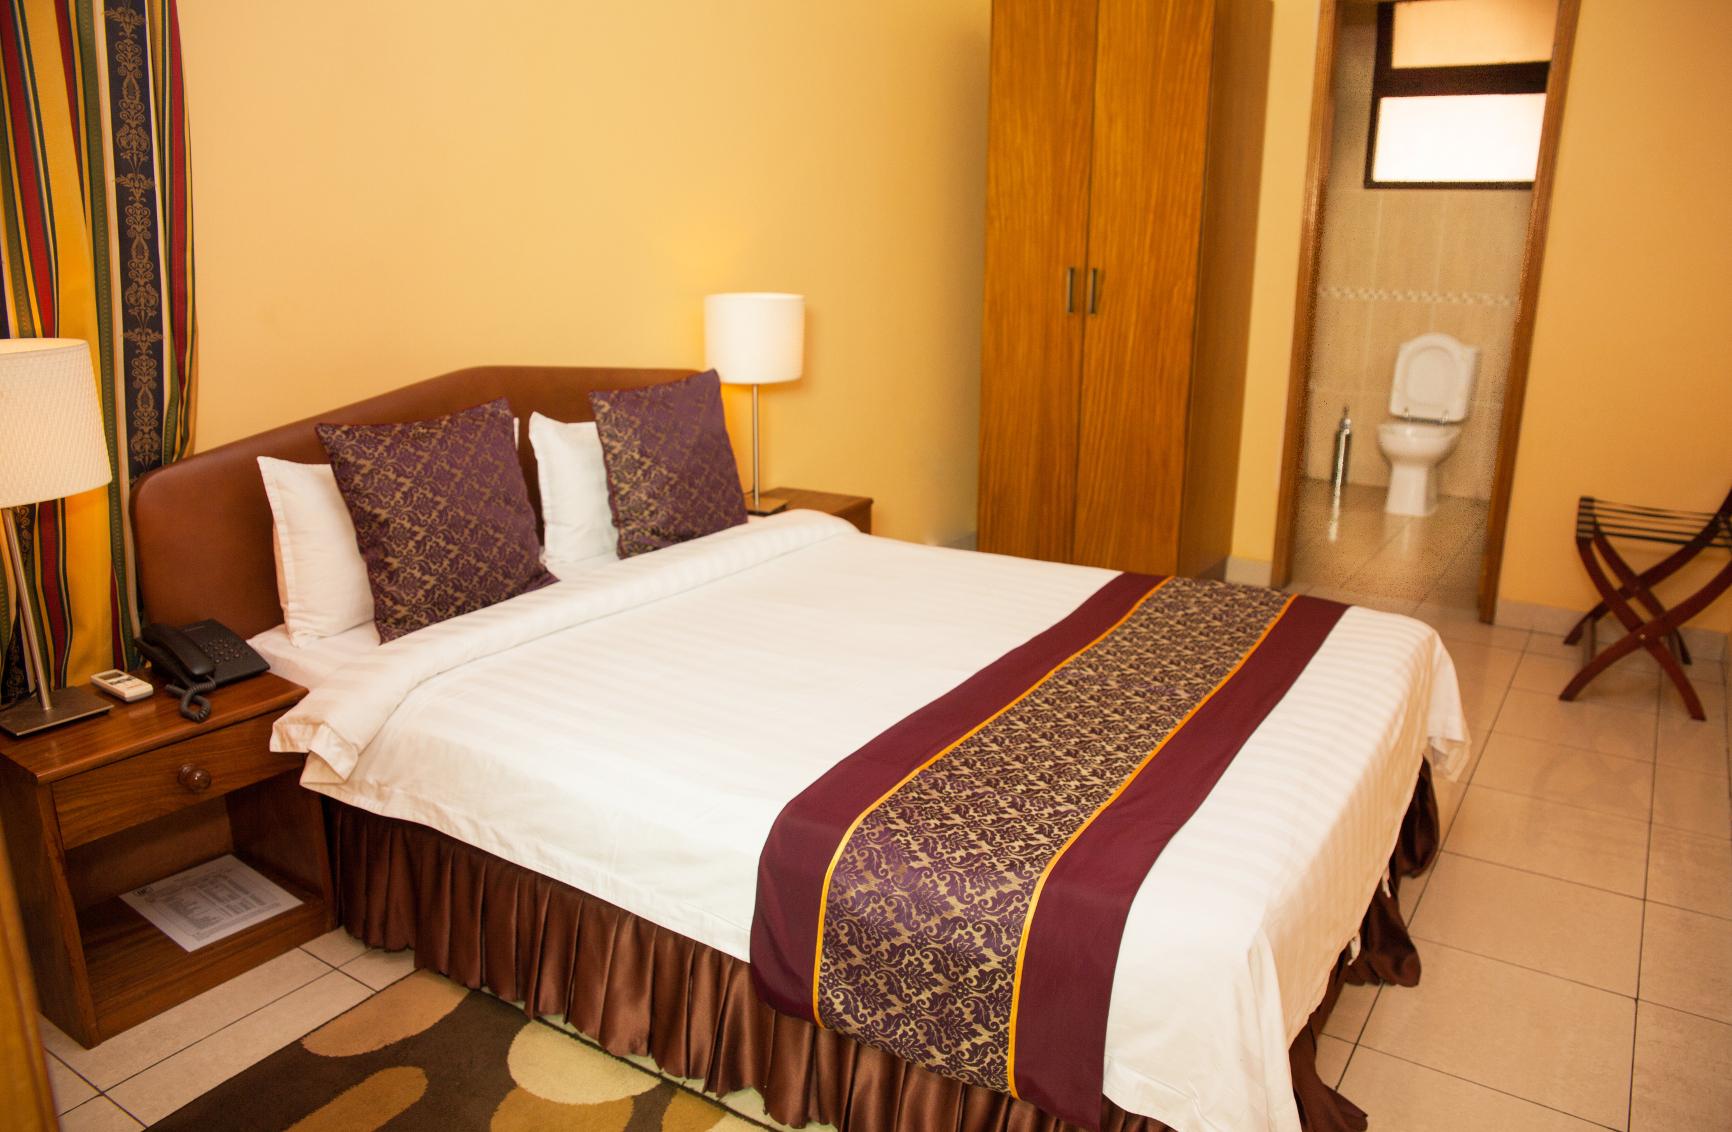 chambre_confortable.jpg